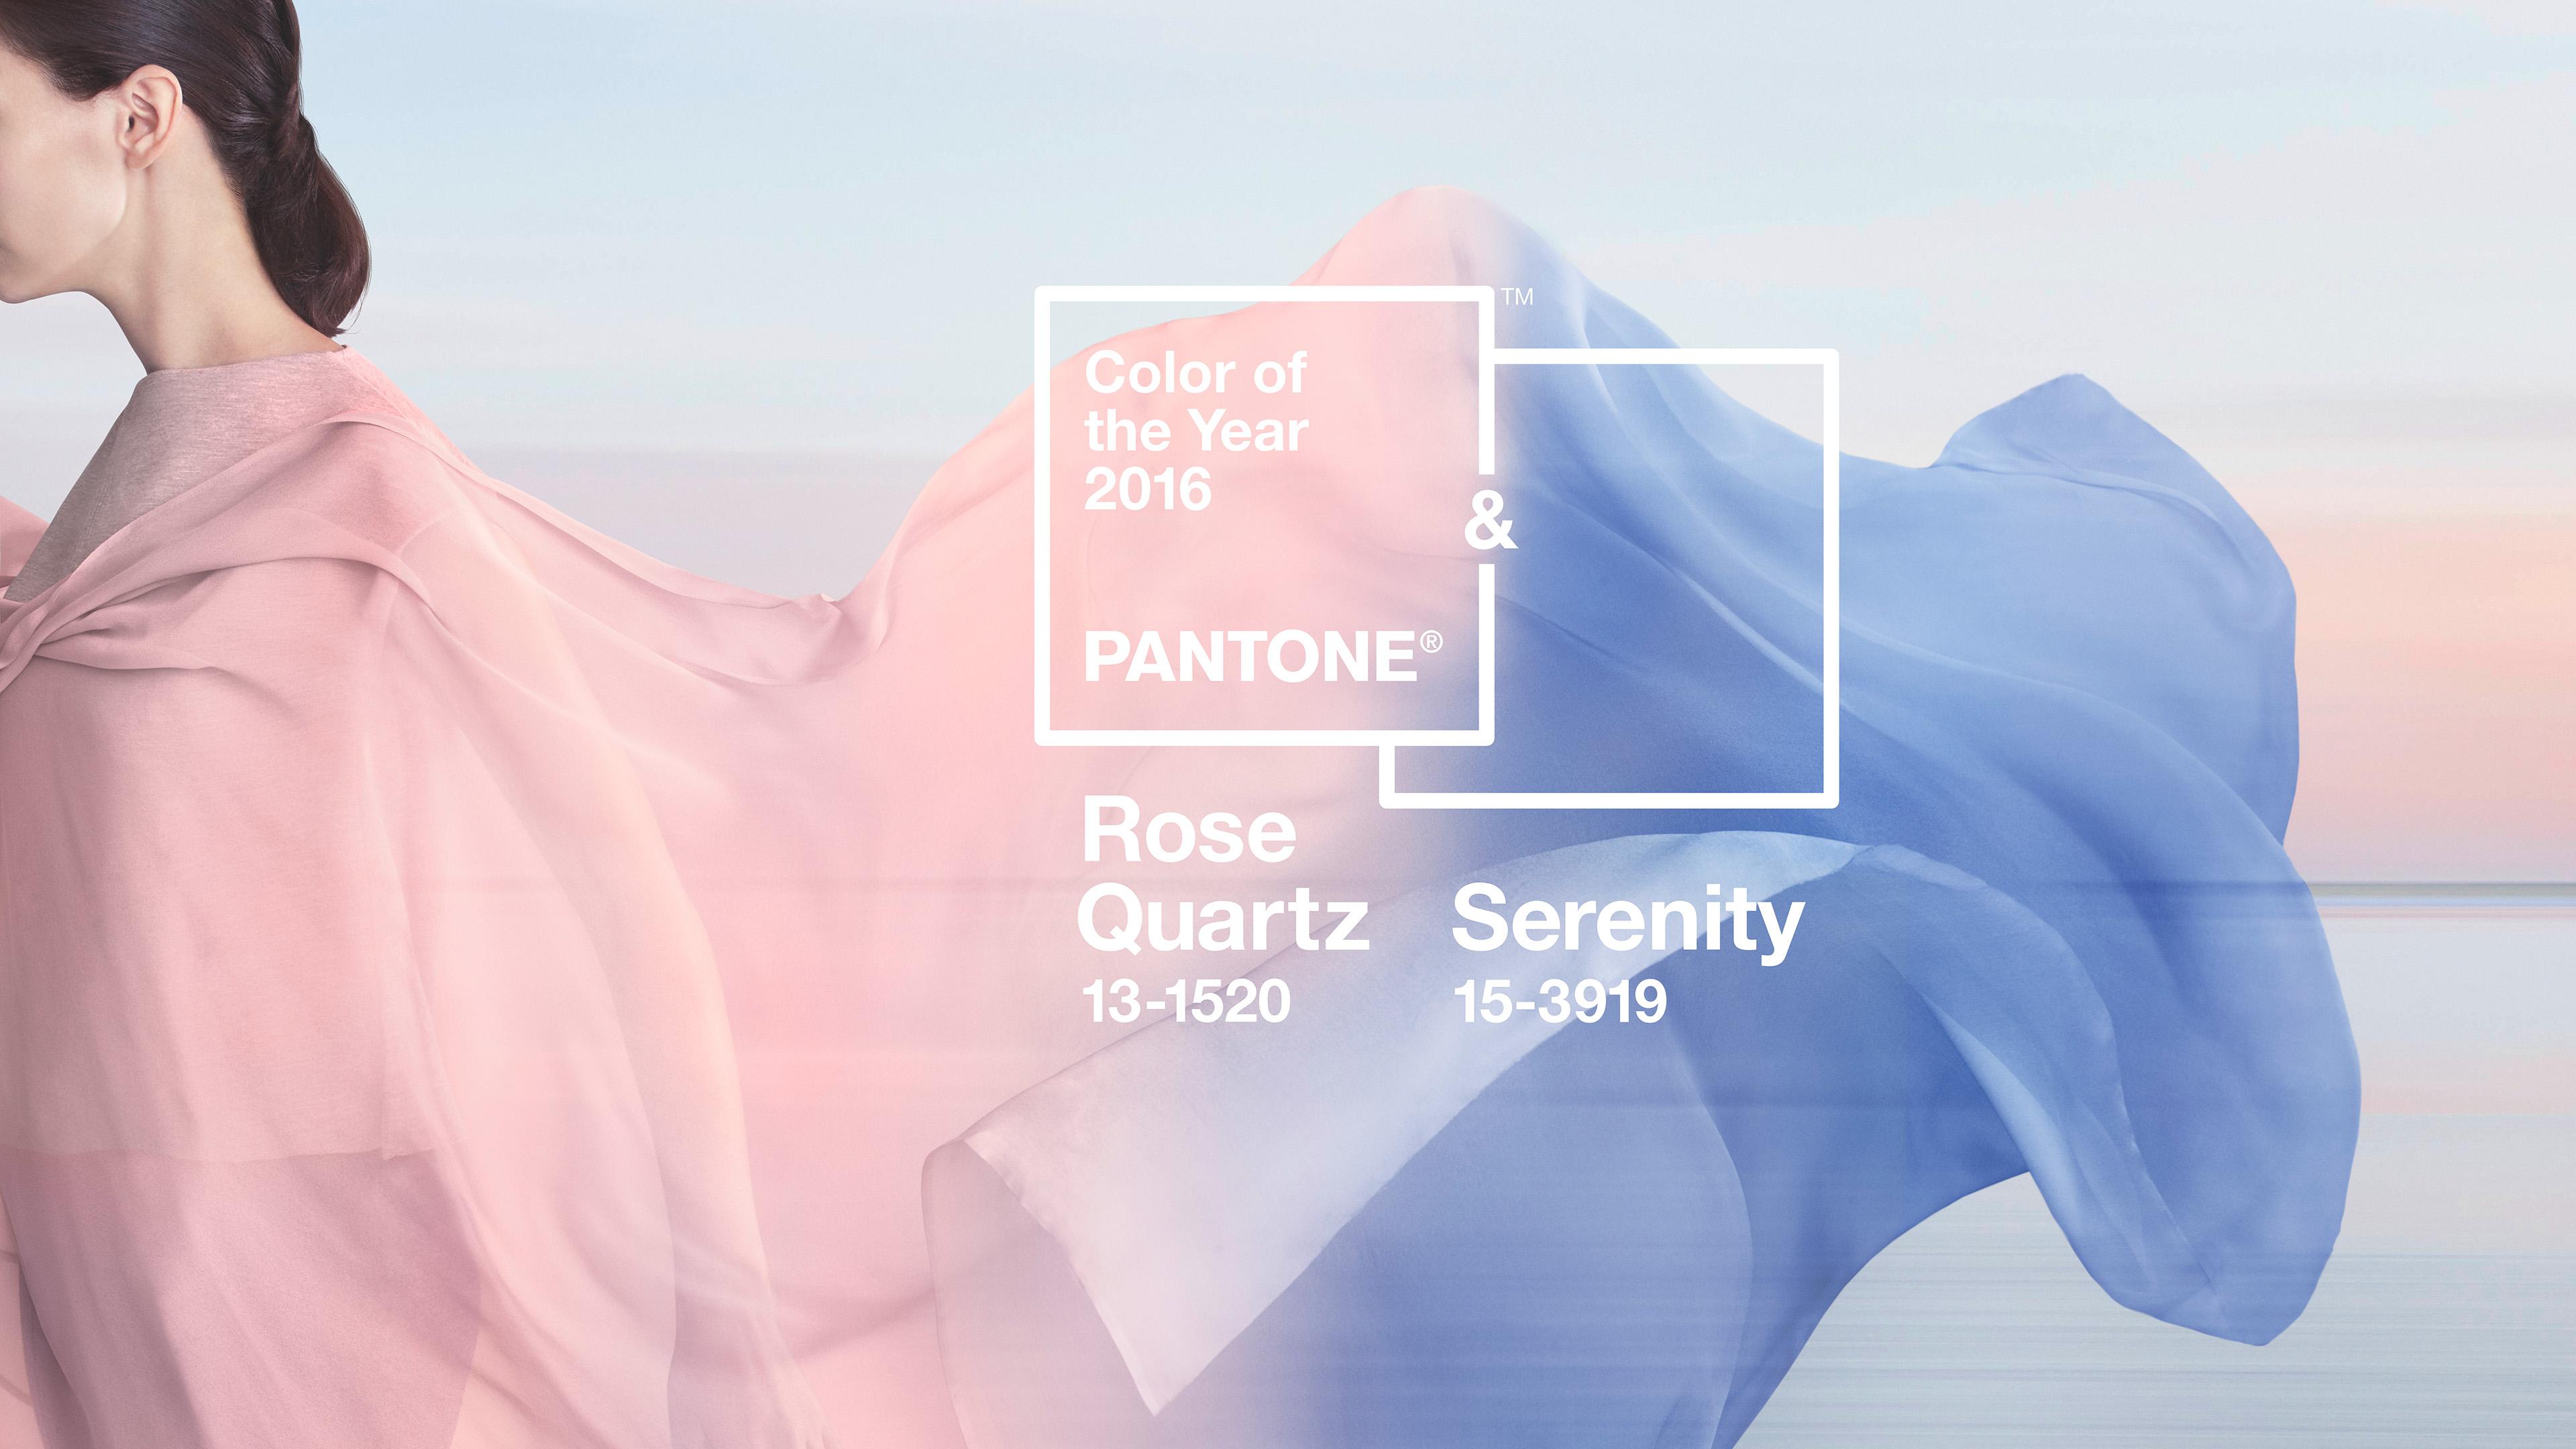 Couleur-Pantone-2016